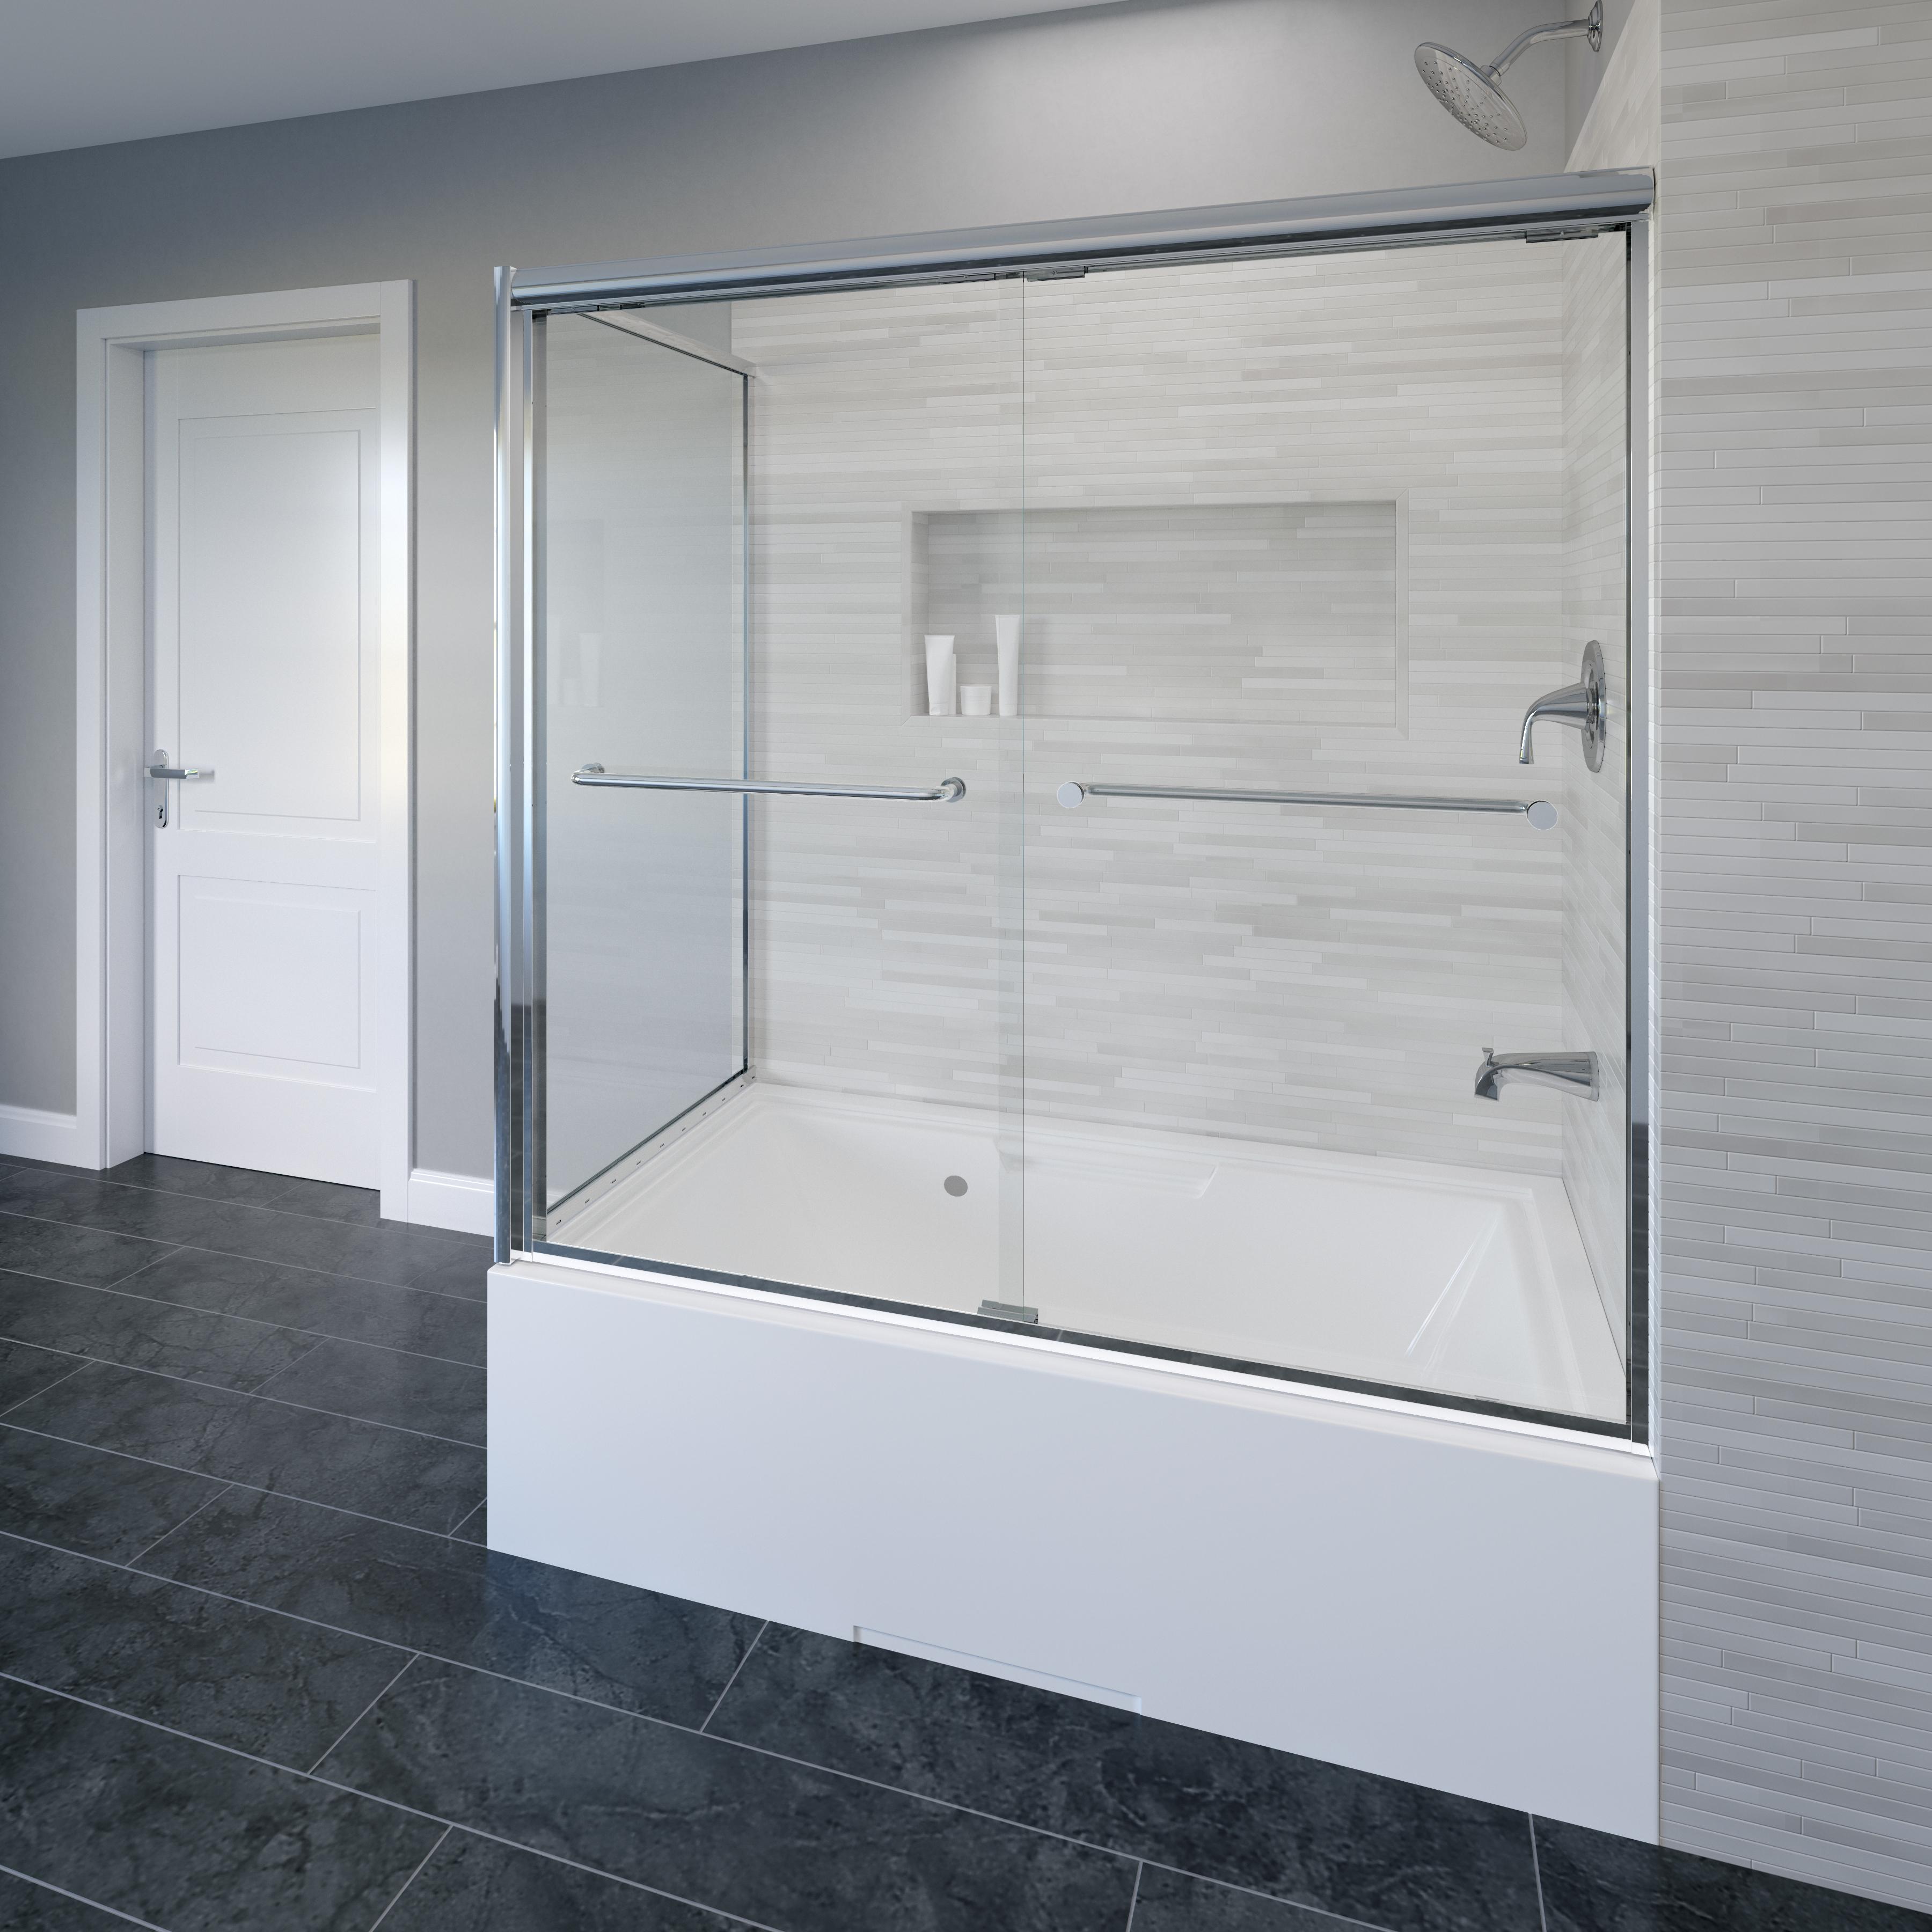 Infinity Semi Frameless 1 4 Inch Glass Sliding Door With Return Bath Tub Door Basco Shower Doors